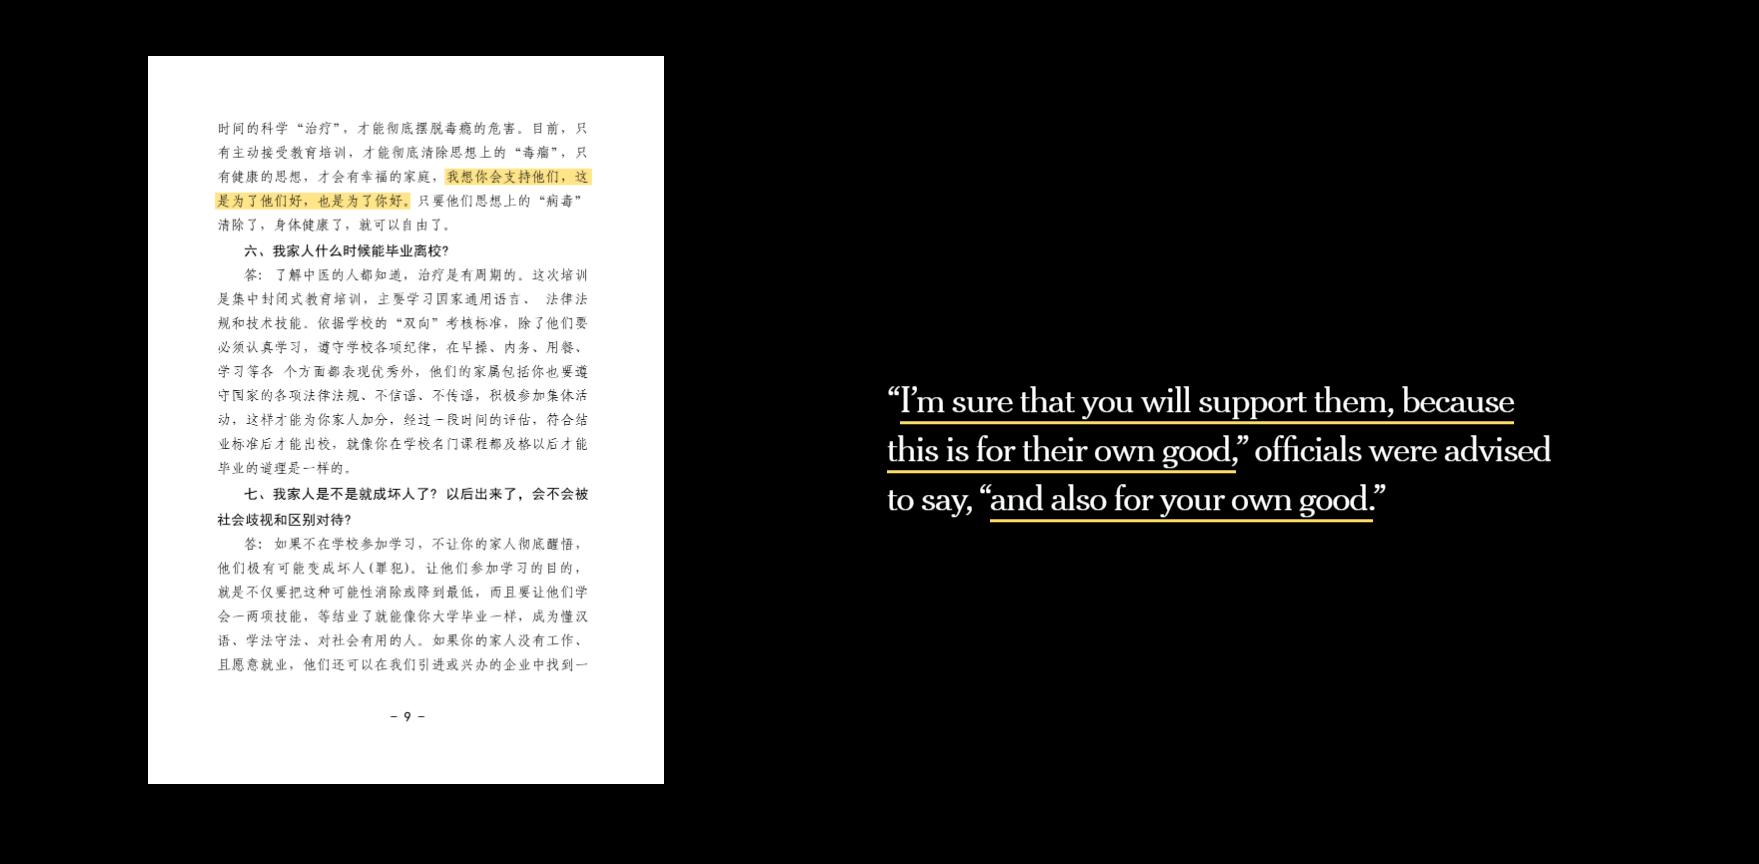 """""""Estoy seguro de que los apoyará, porque esto es por su propio bien"""", dice un documento revelado que tiene como fin orientar a los funcionarios que dirigen a los familiares de internados en """"campos de reeducación, """"es también por el propio bien de Ud"""", agrega."""